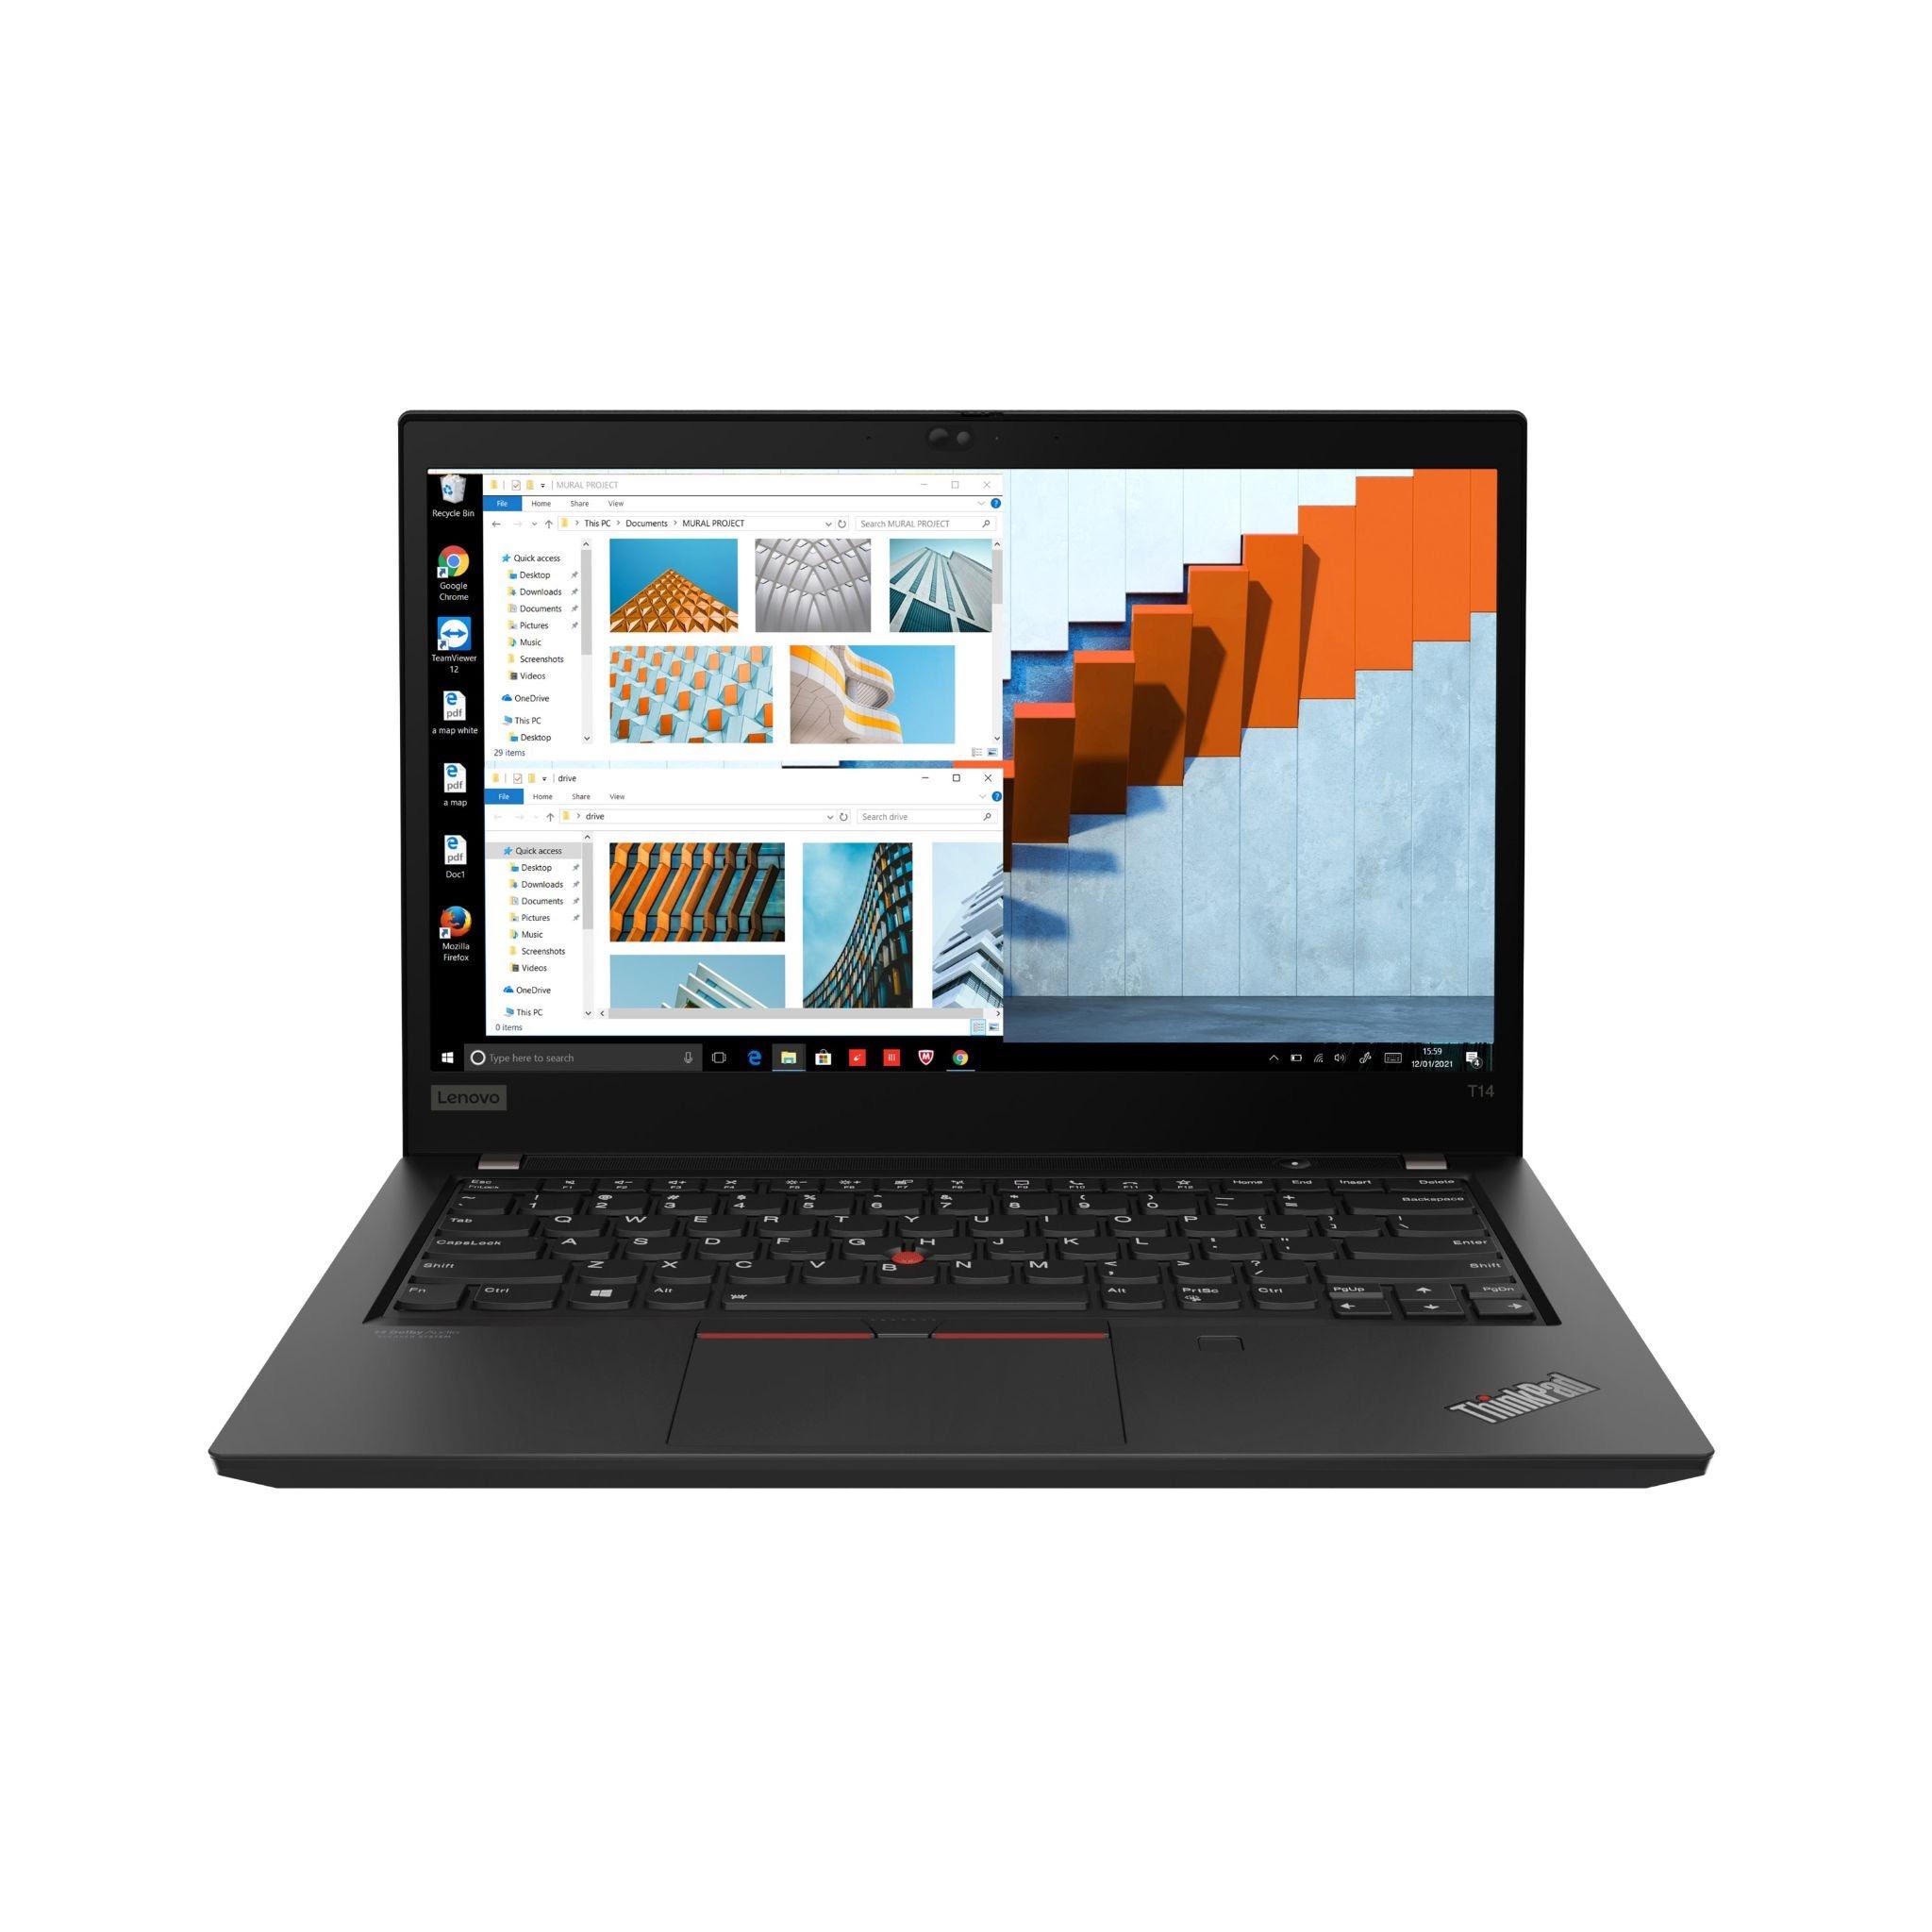 Фото 1. Ноутбук Lenovo ThinkPad T14 Gen 2 Intel (20W00058RT)